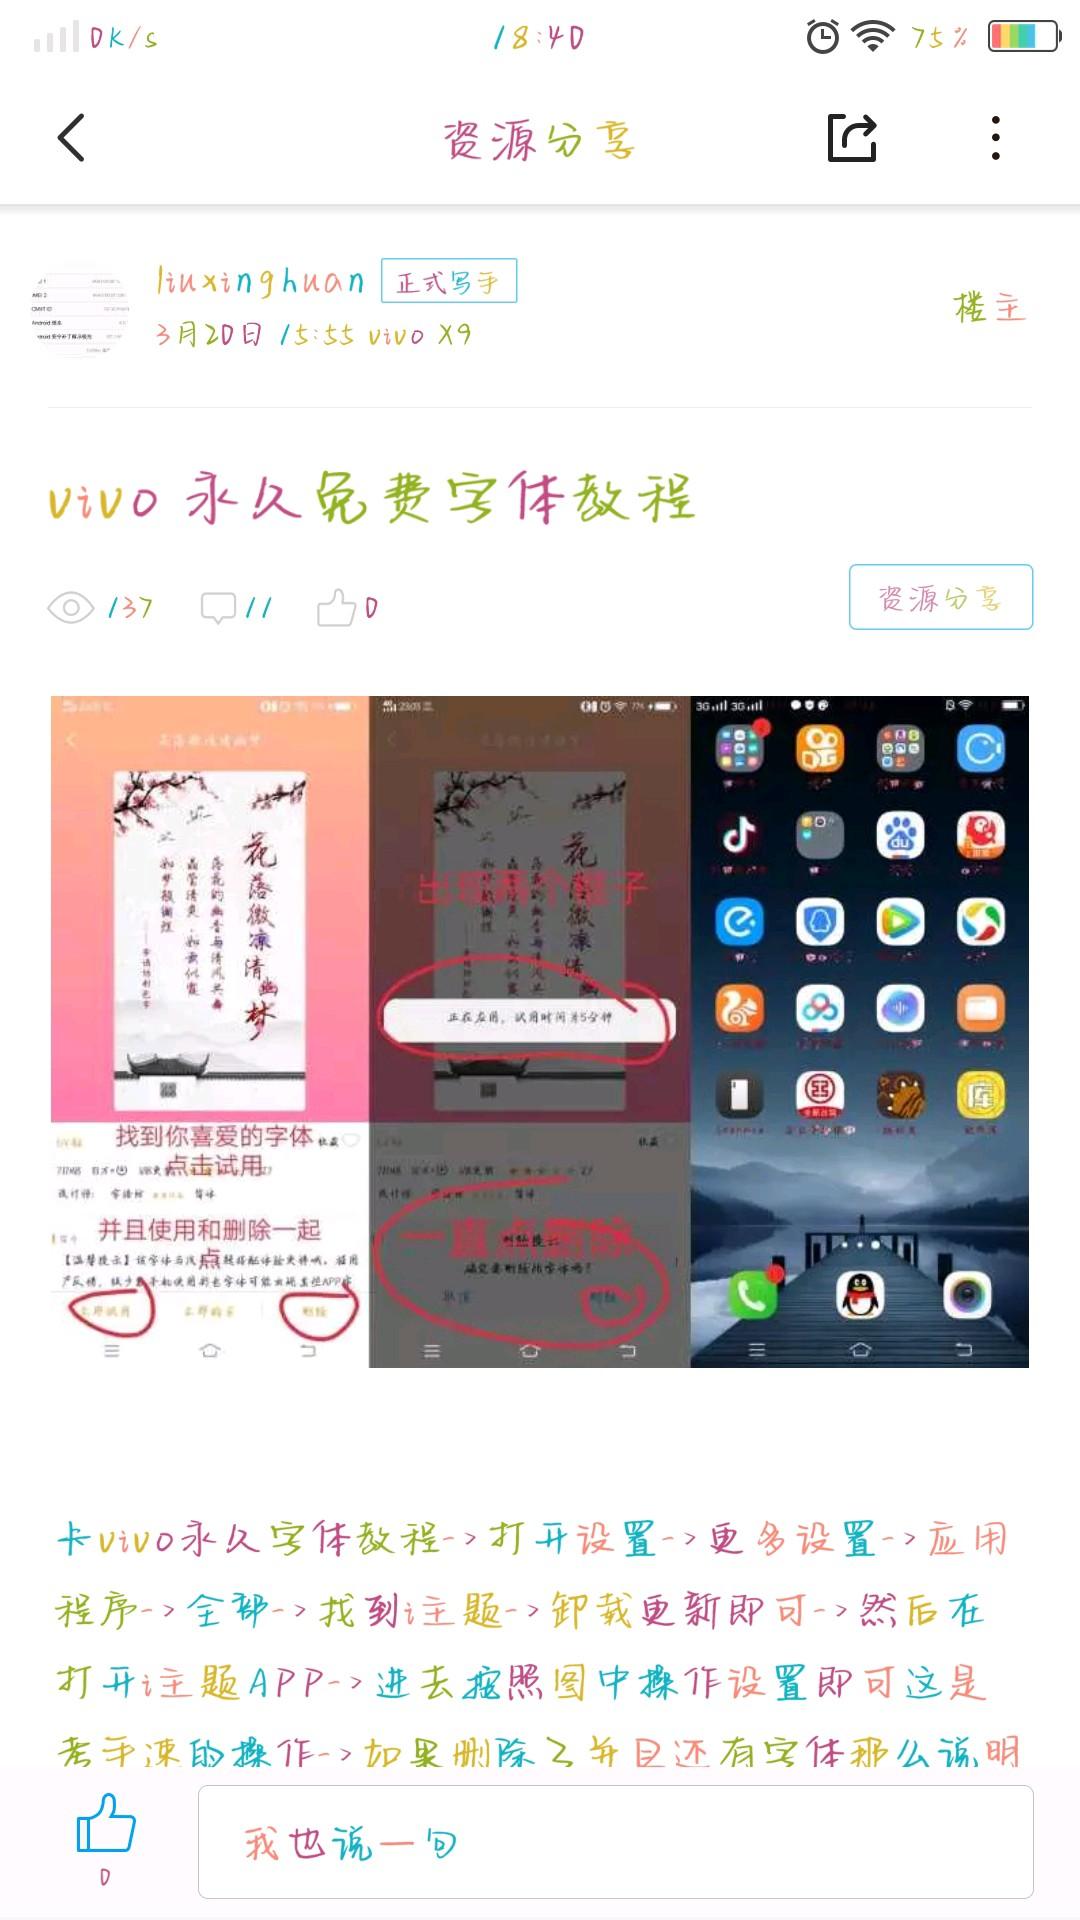 Screenshot_20190322_184043.jpg